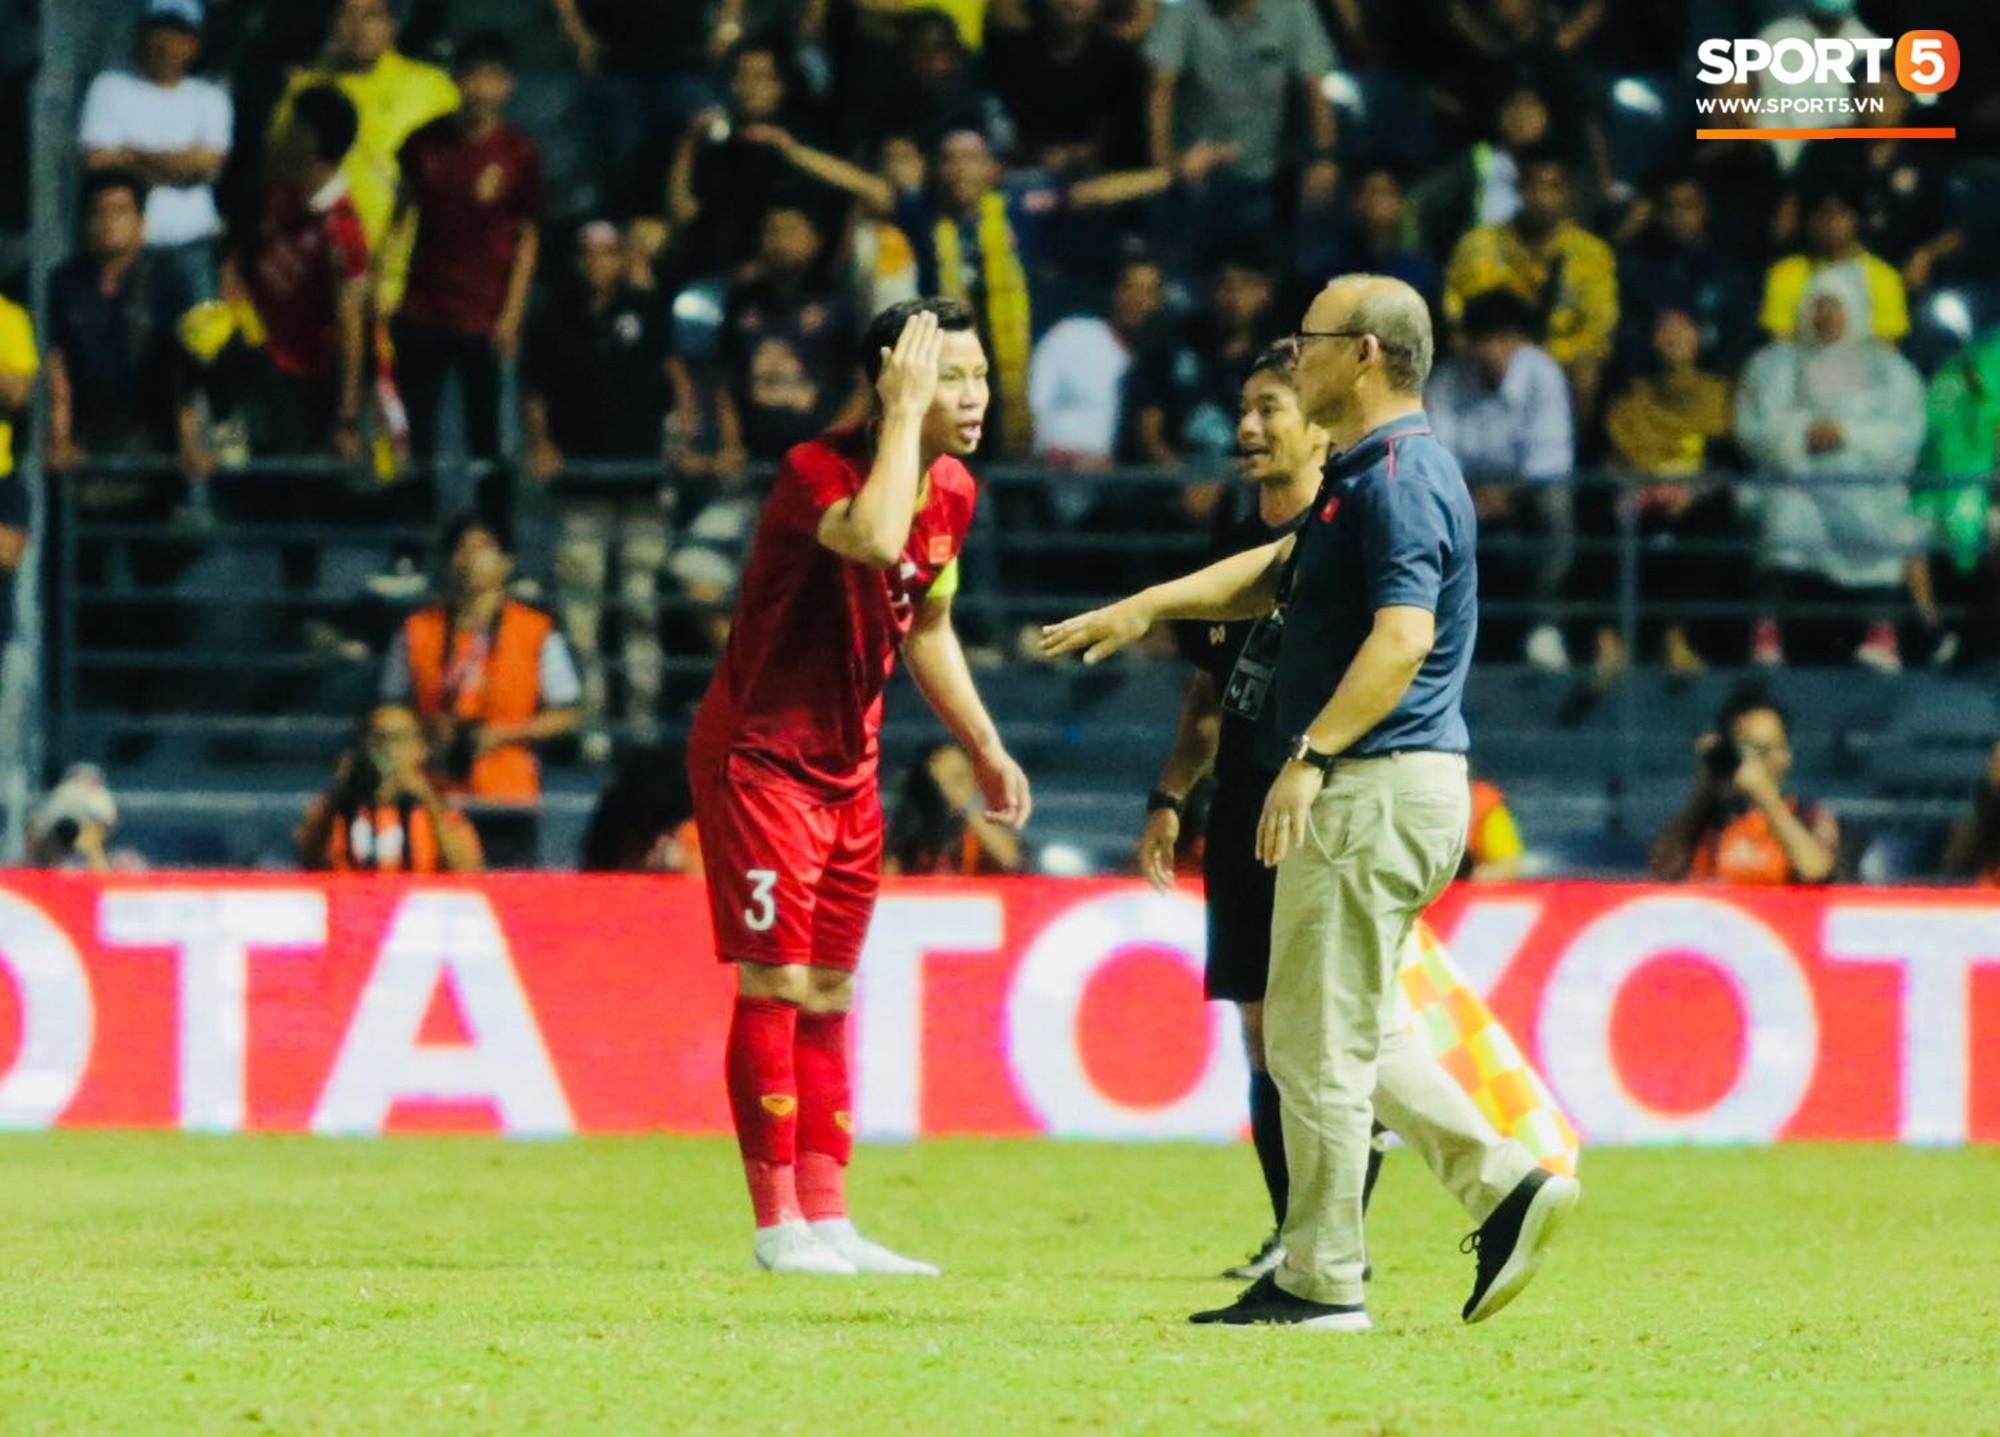 HLV Park Hang-seo lao vào sân phản ứng khi Văn Hậu bị đối phương tát vào mặt-6